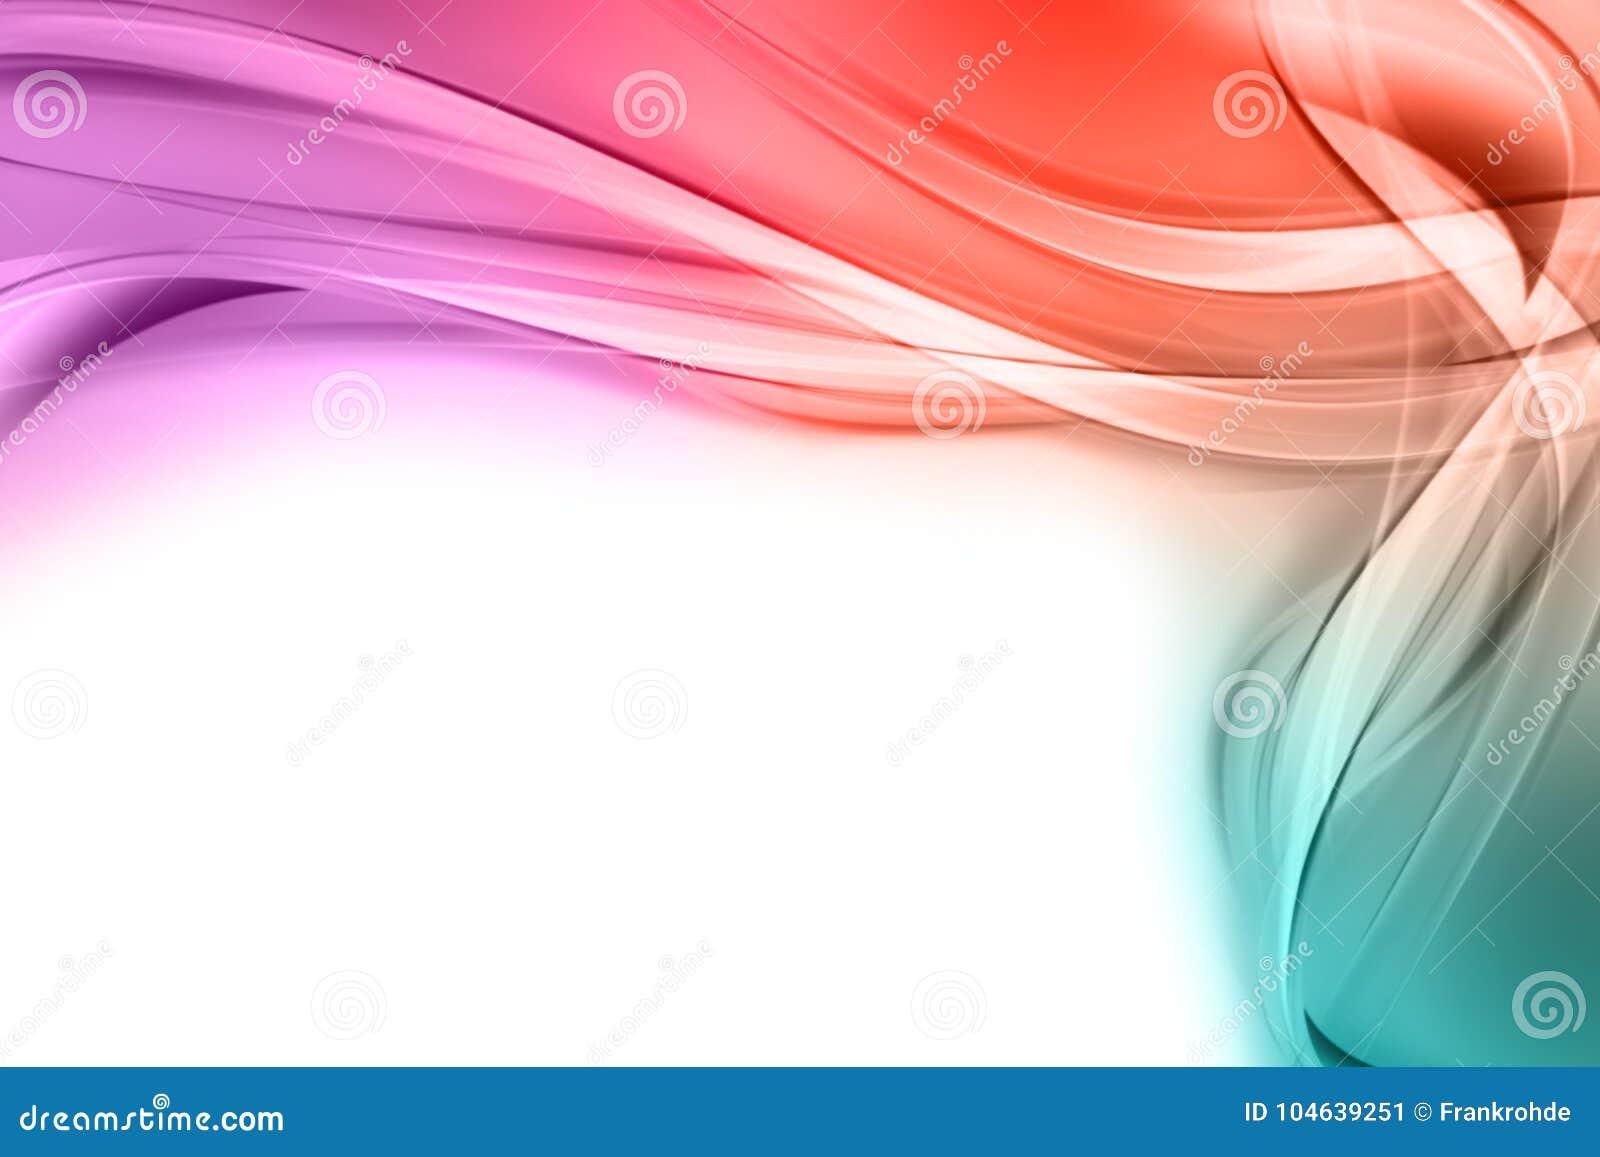 Download Abstract Elegant Ontwerp Als Achtergrond Stock Illustratie - Illustratie bestaande uit decoratief, energie: 104639251